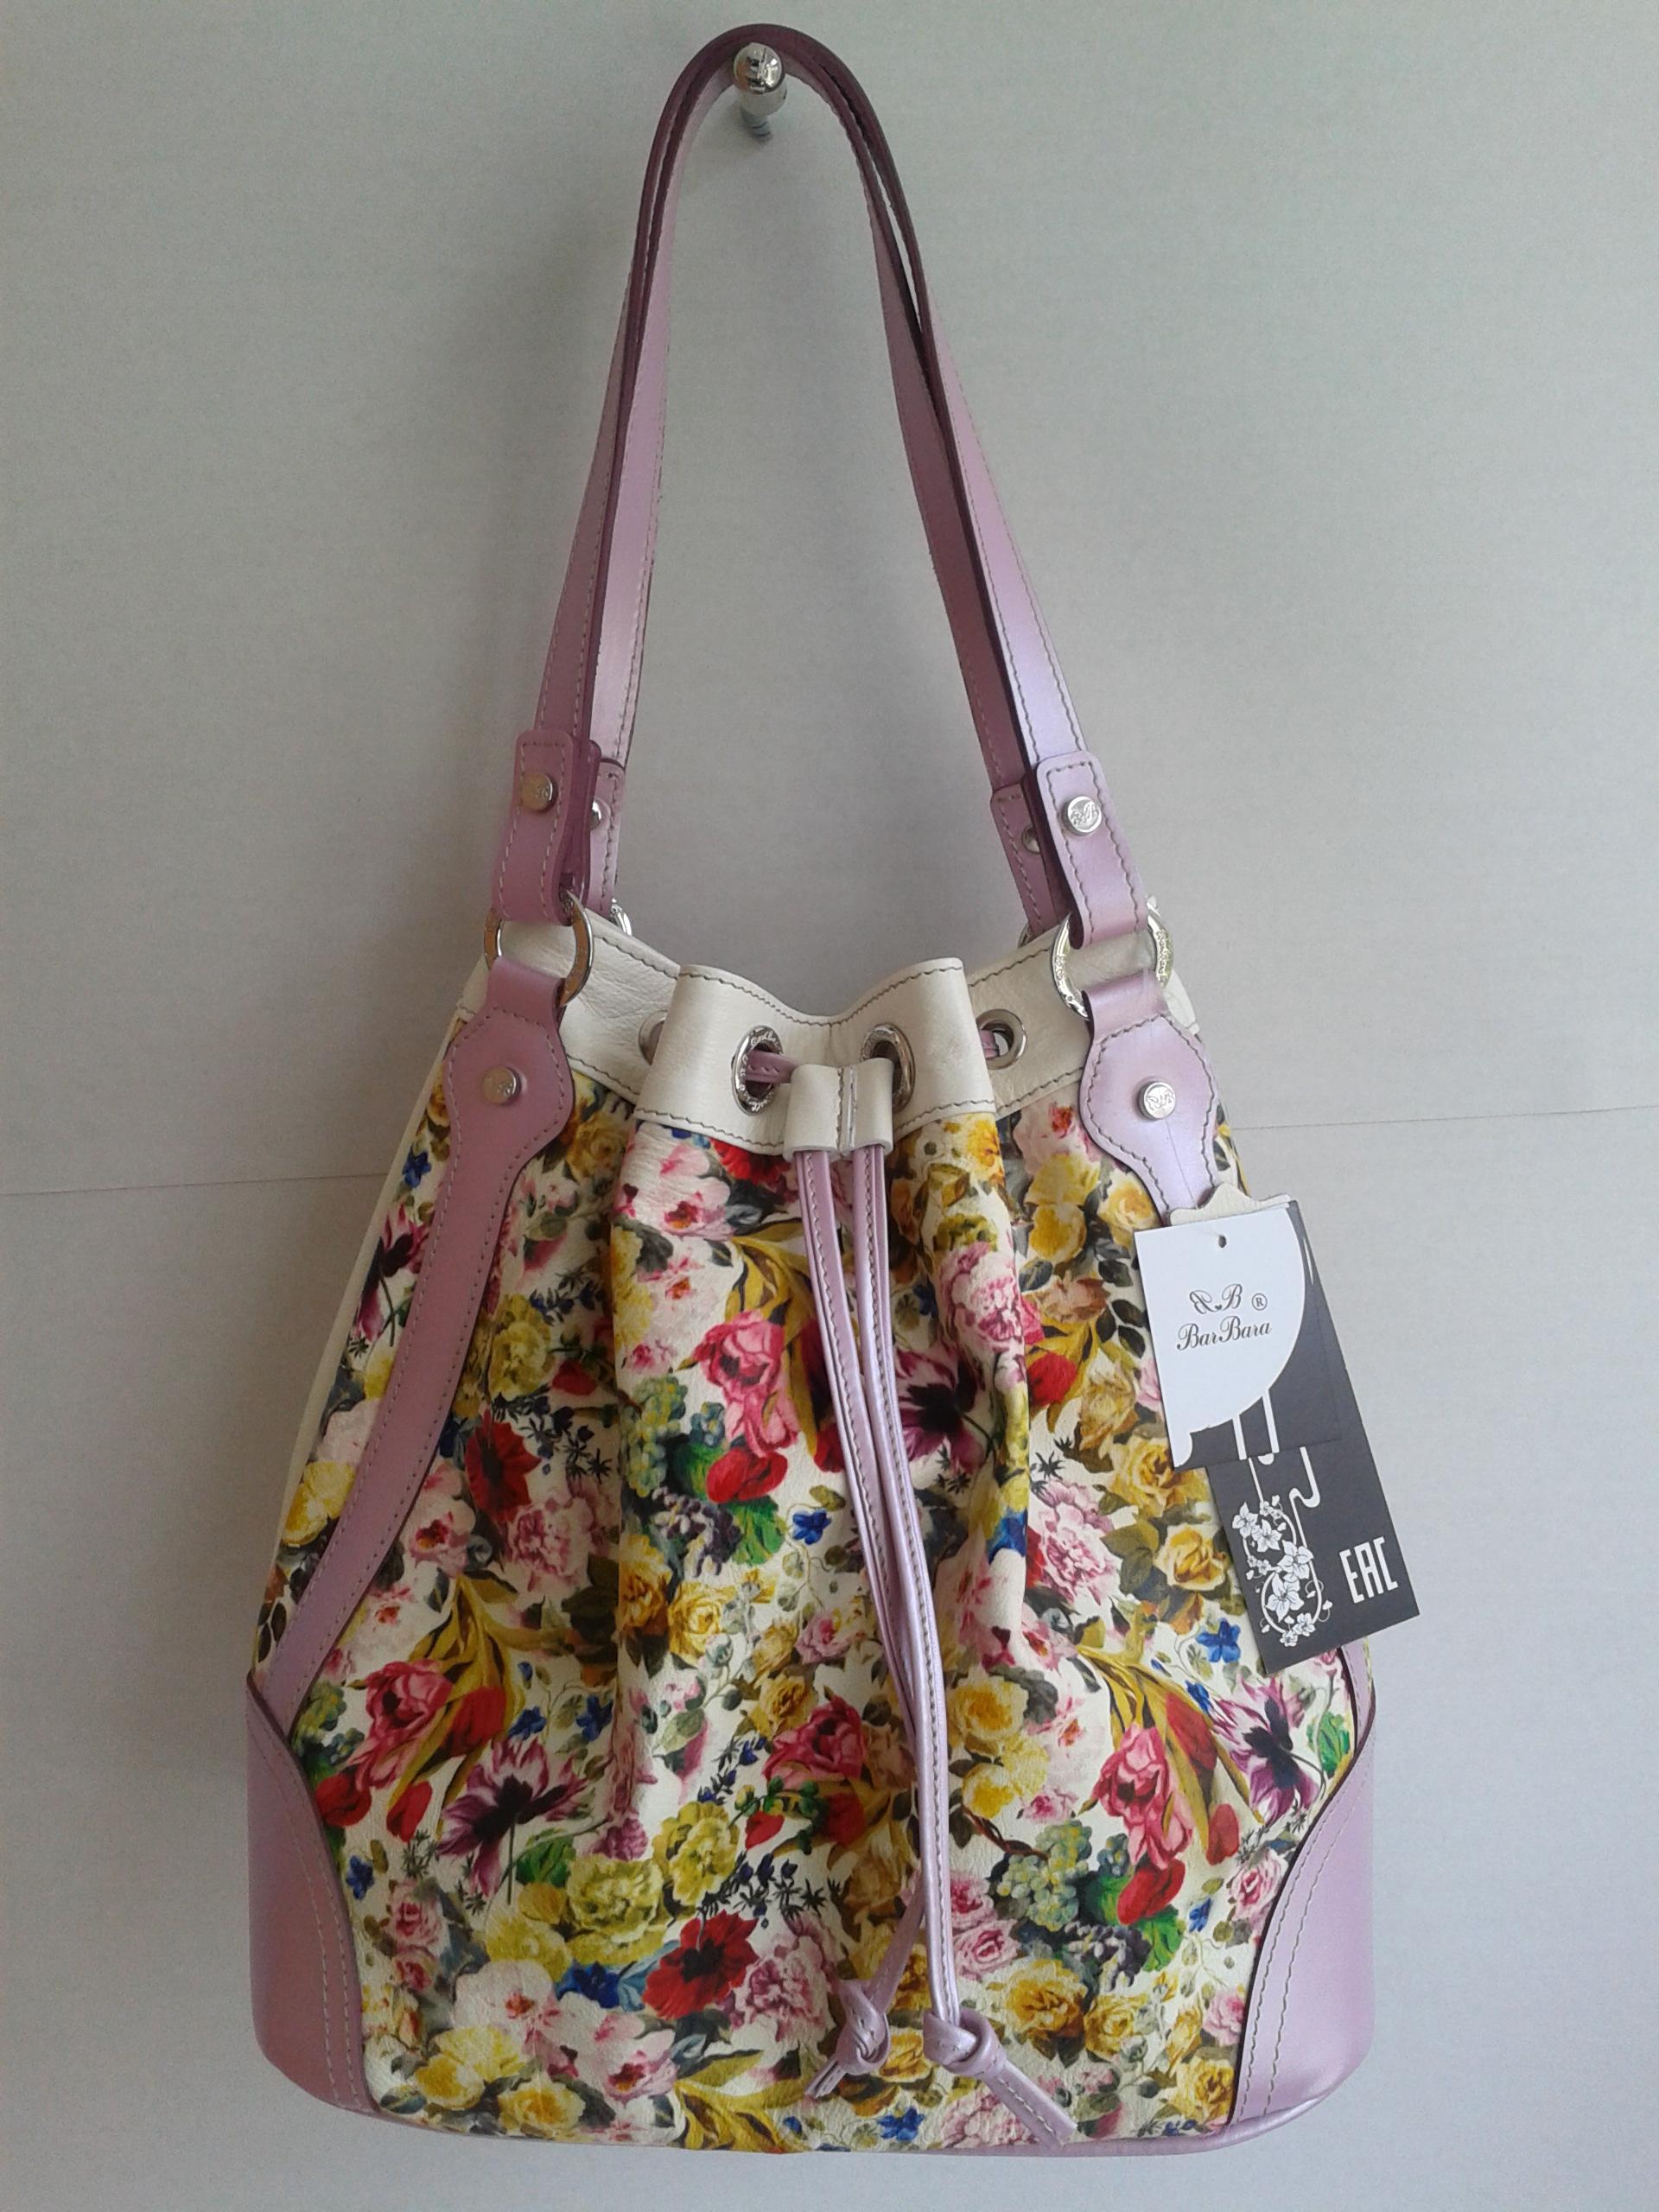 Сбор заказов. Варвара - женские, мужские сумки и мелкая кожгалантерея. Все изделия из натуральной кожи. Выкуп 1 в 2016